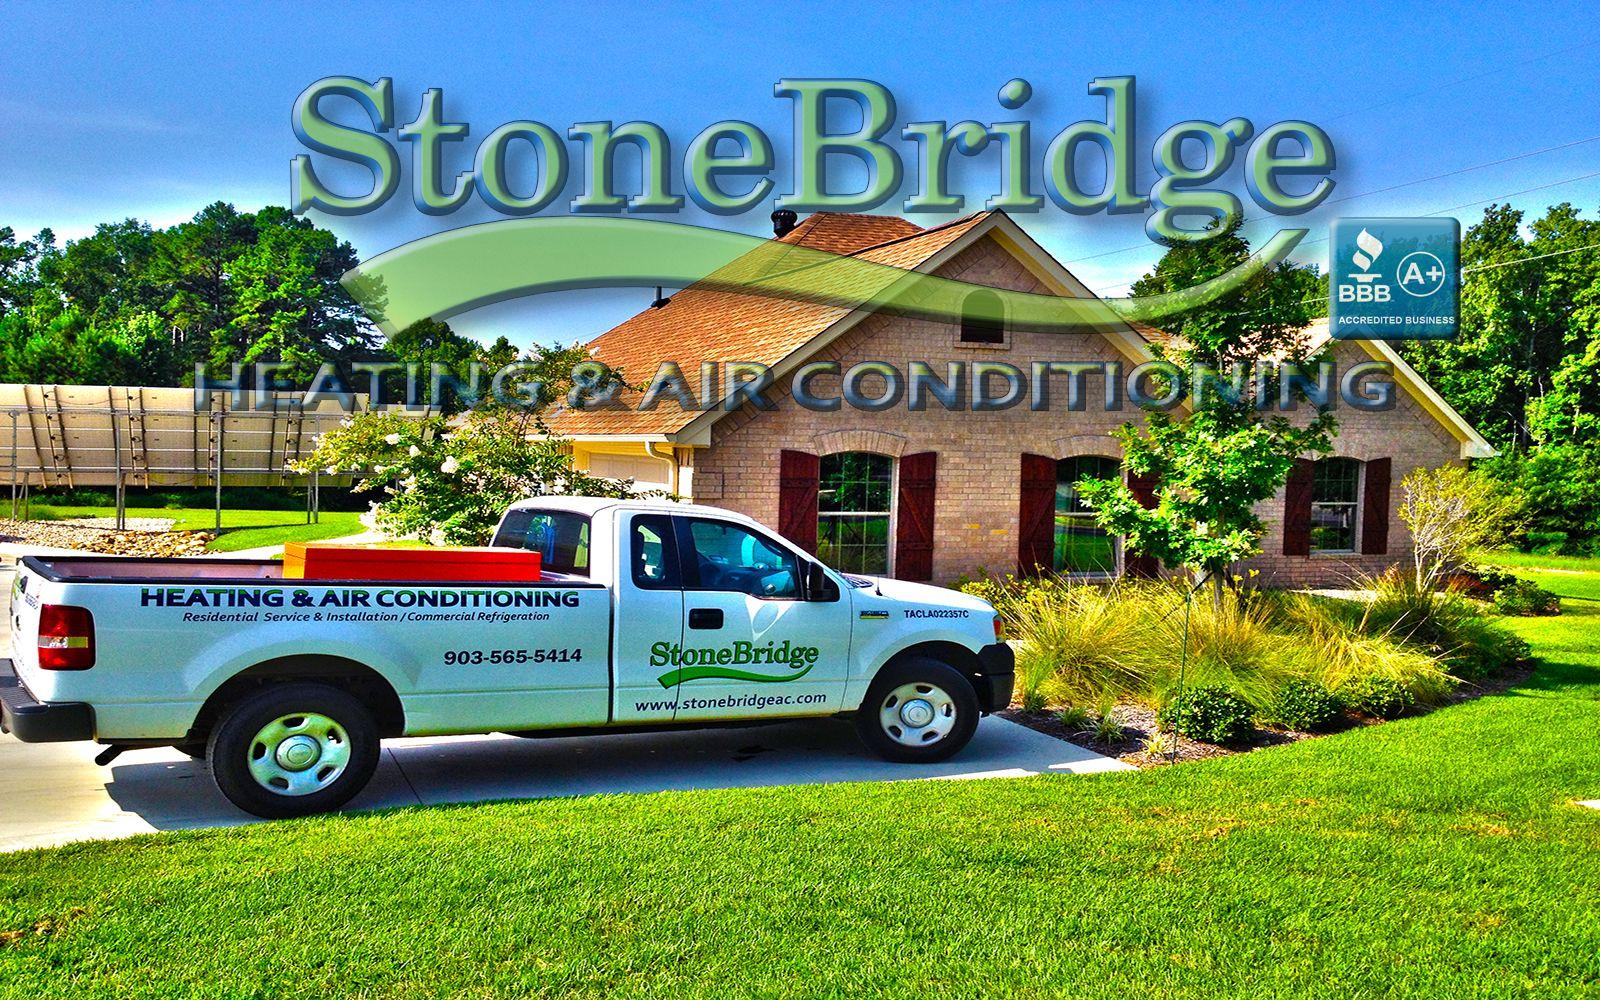 Stonebridgeheatingandairconditioning.jpg Before you